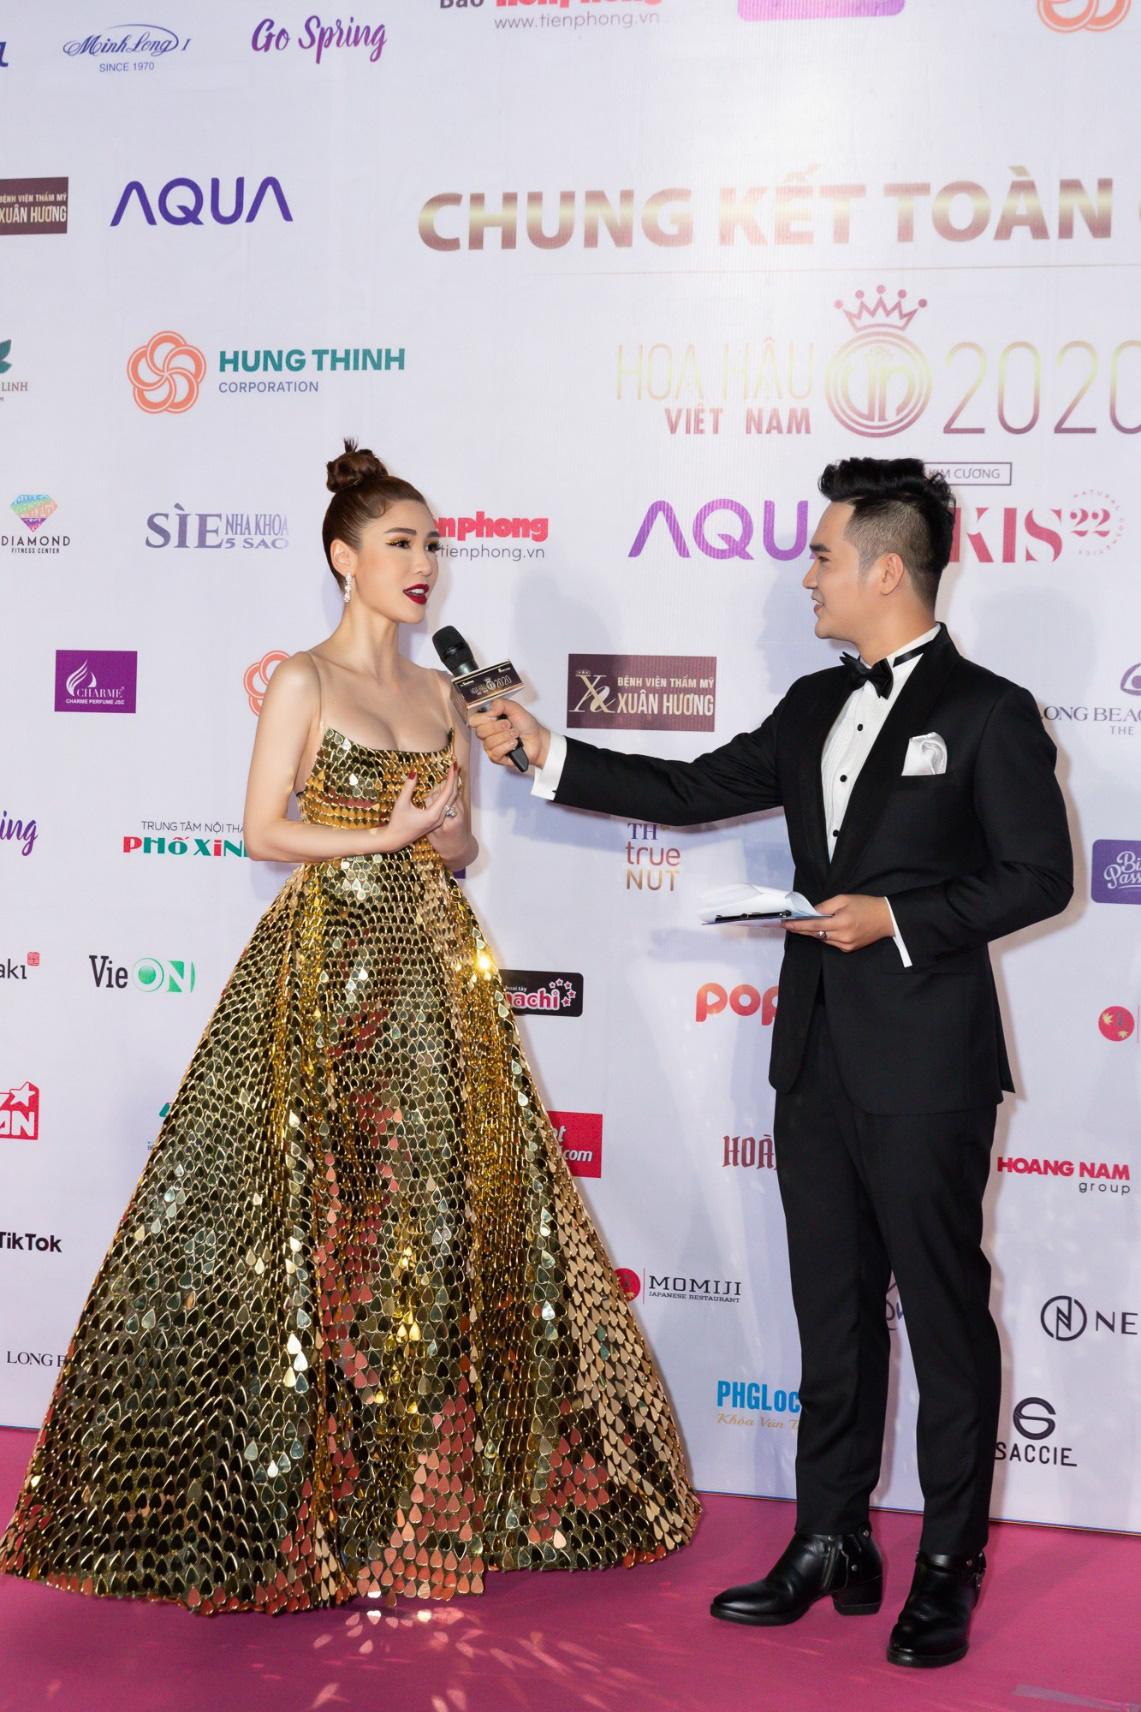 CEO Sìe Dentist trao tặng phần thưởng 600 triệu đồng cho Top 3 Hoa hậu Việt Nam 2020 - Ảnh 3.